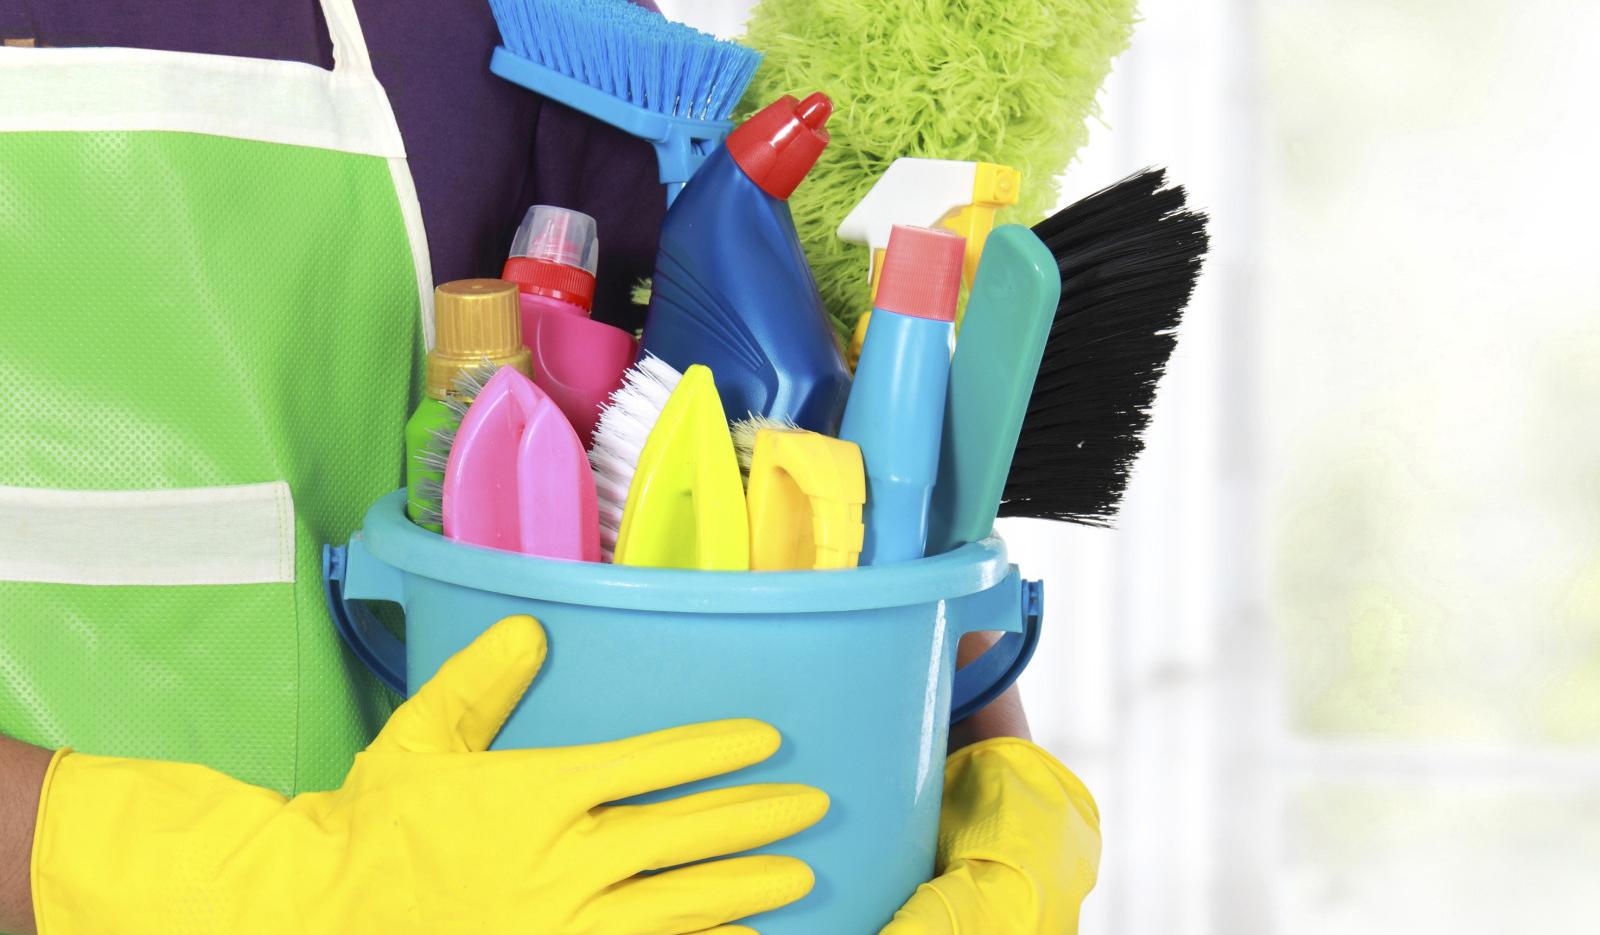 شركة تنظيف منازل فى جدة